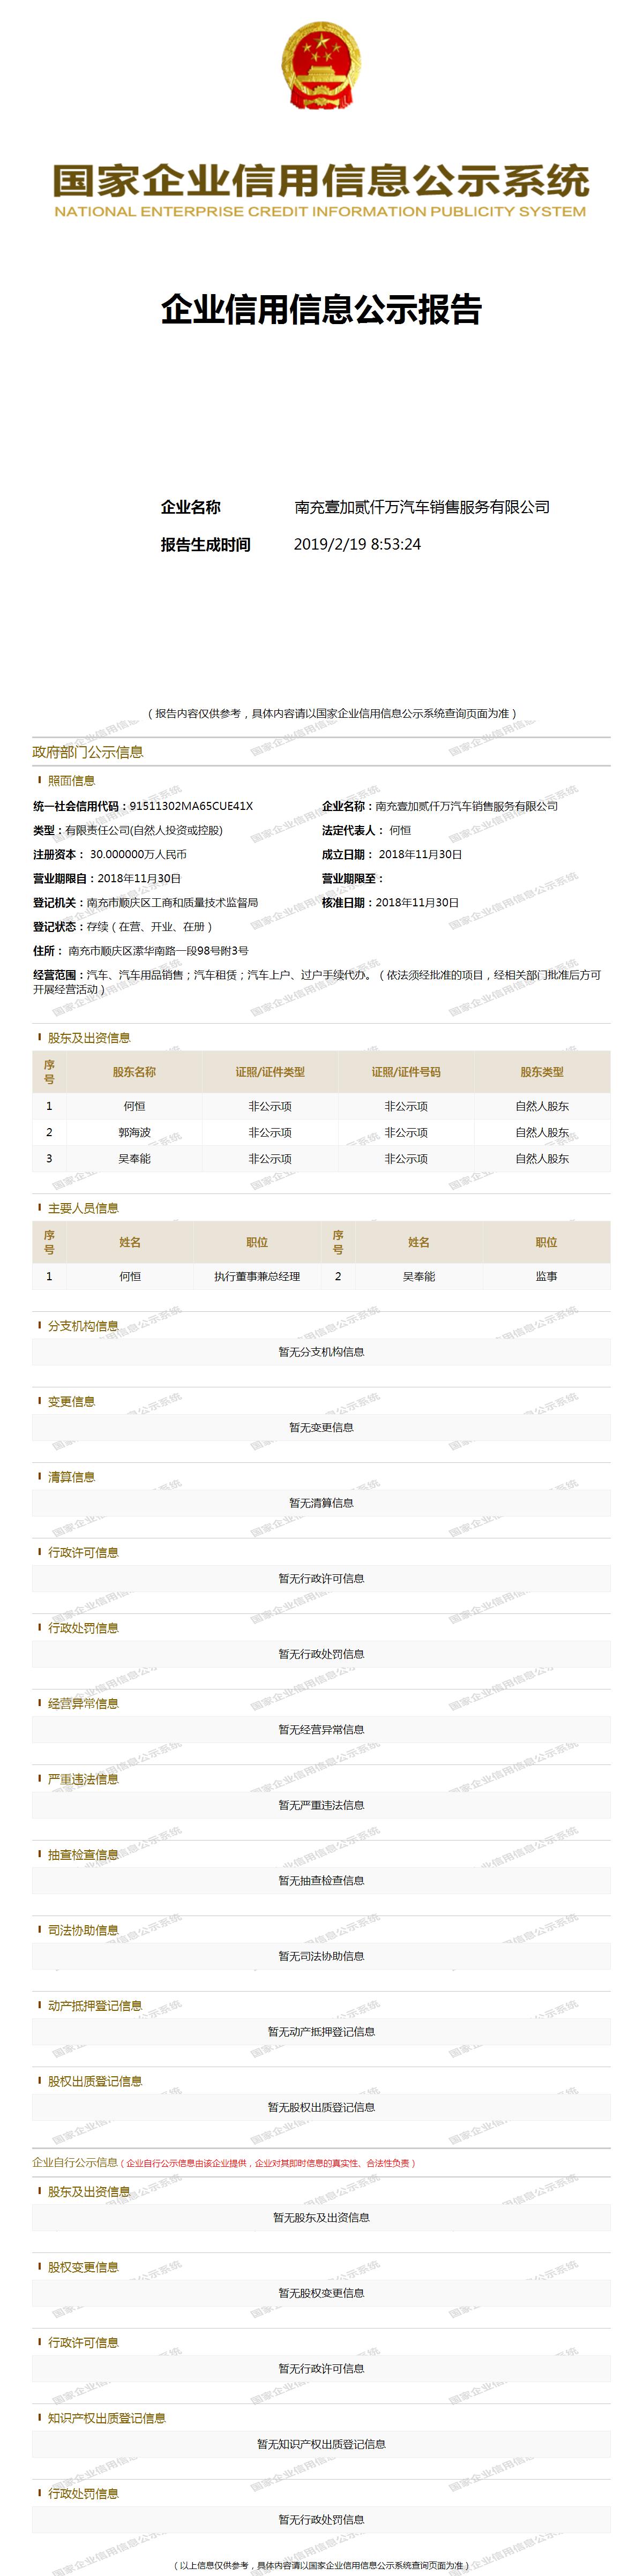 南充壹加贰仟万汽车销售服务有限公司 - 工商官网信息